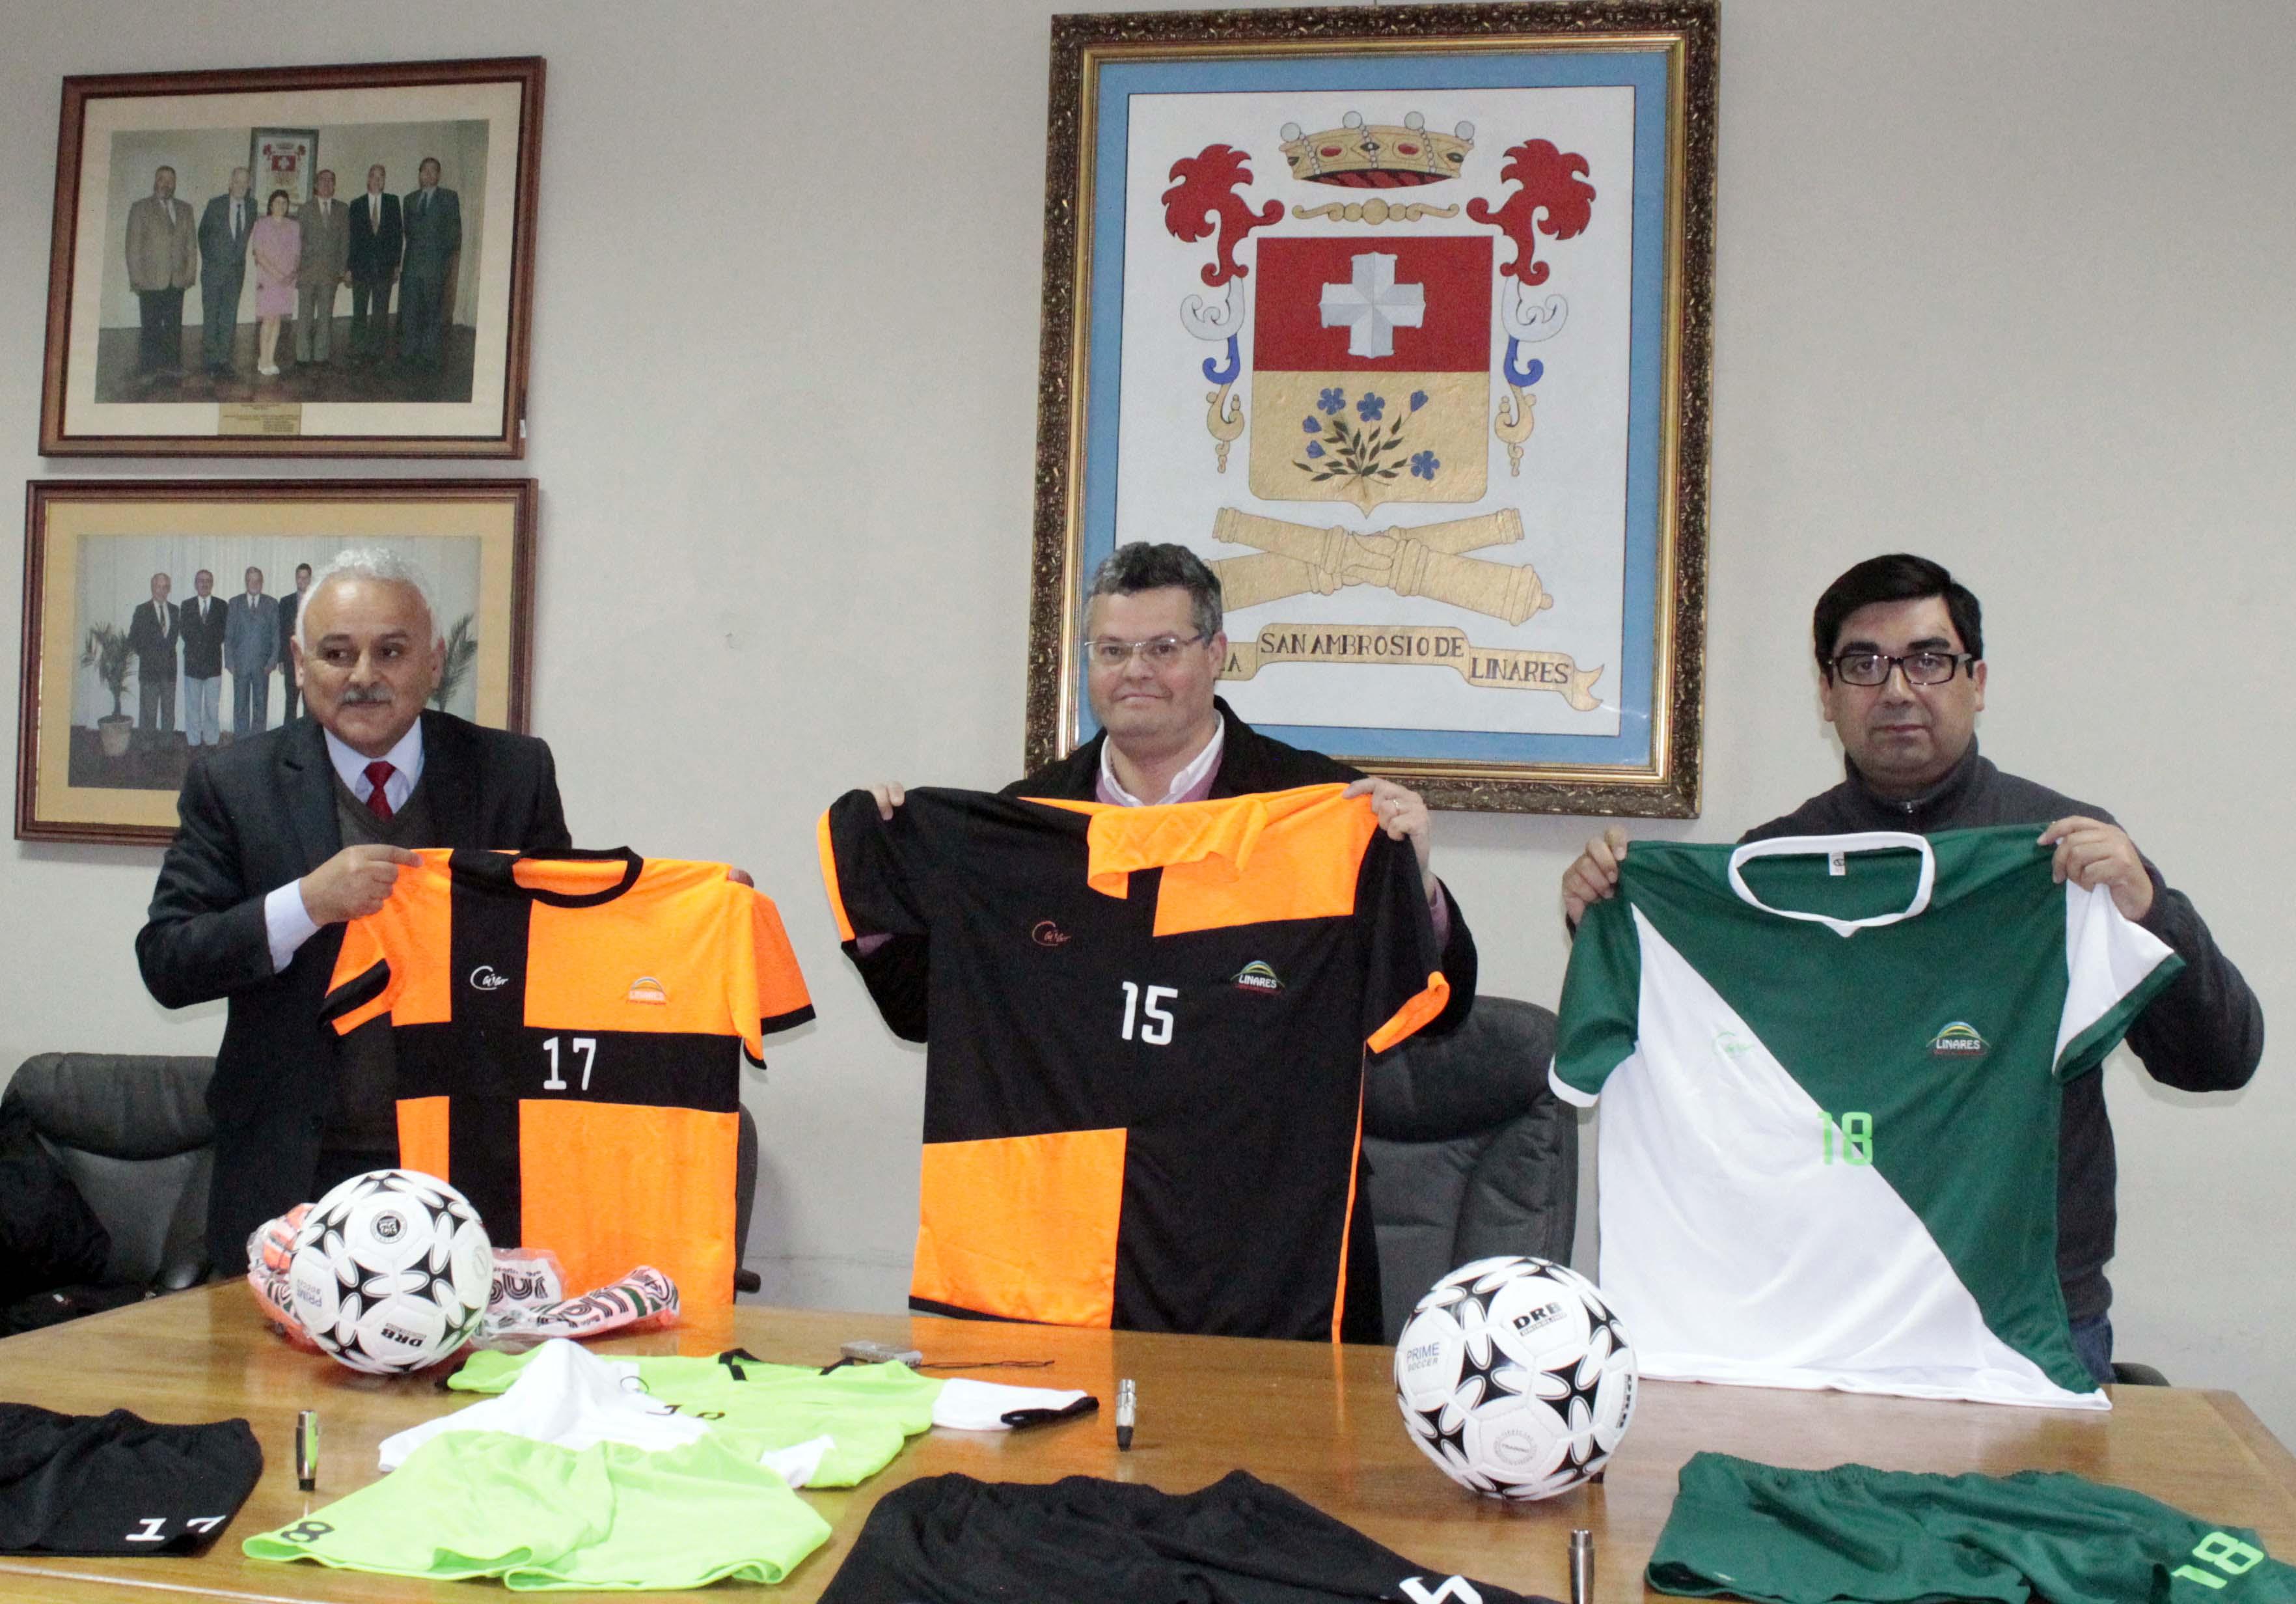 Alcalde de Linares entregó implementación deportiva al Club San Antonio Lamas